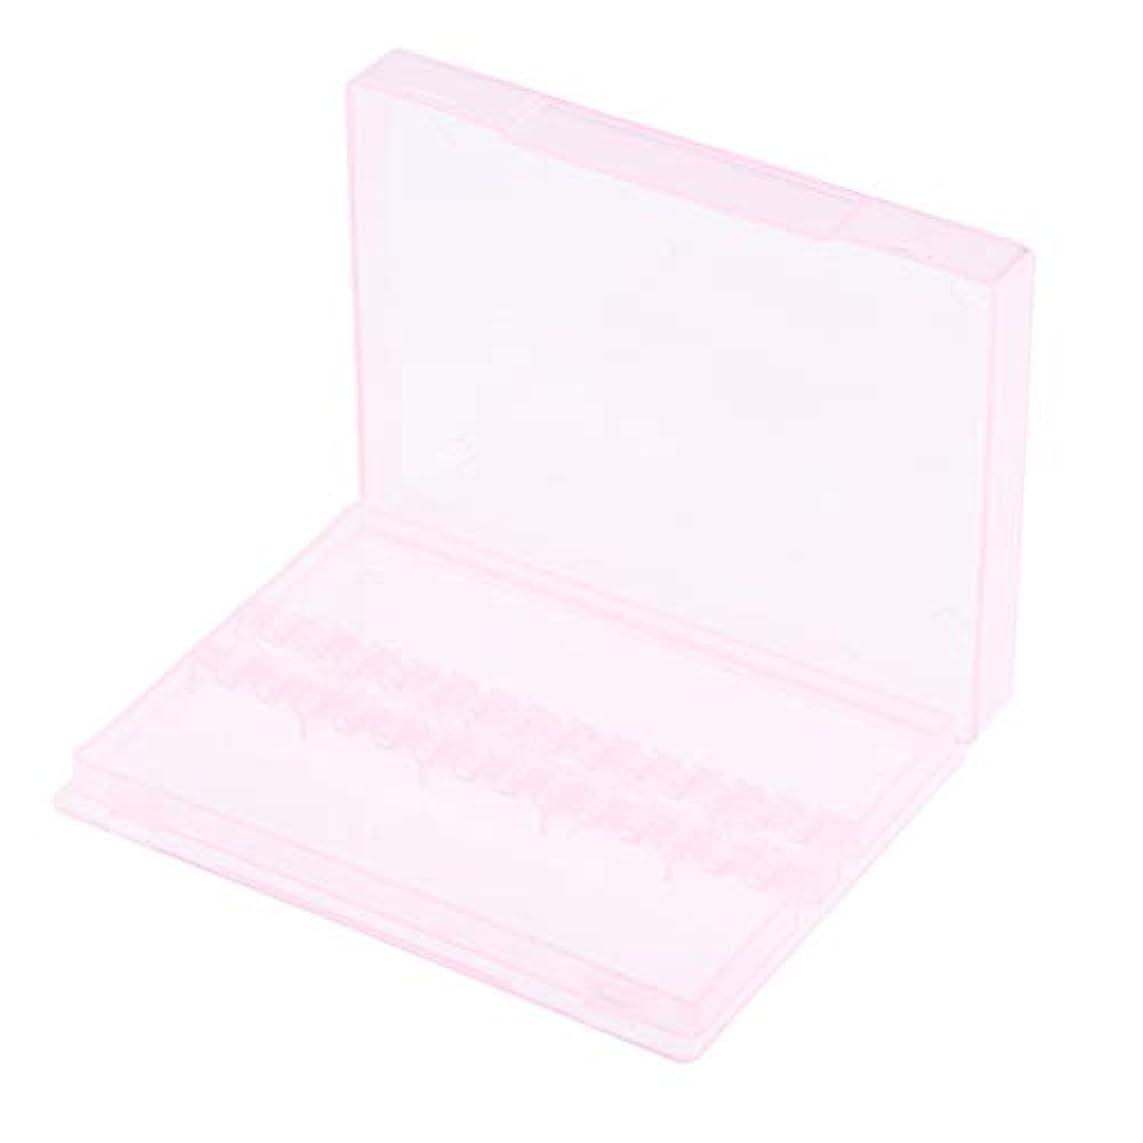 勃起荒らす交渉するネイルアート ドリルビットホルダー 空ボックス 収納ケース 2色選べ - ピンク